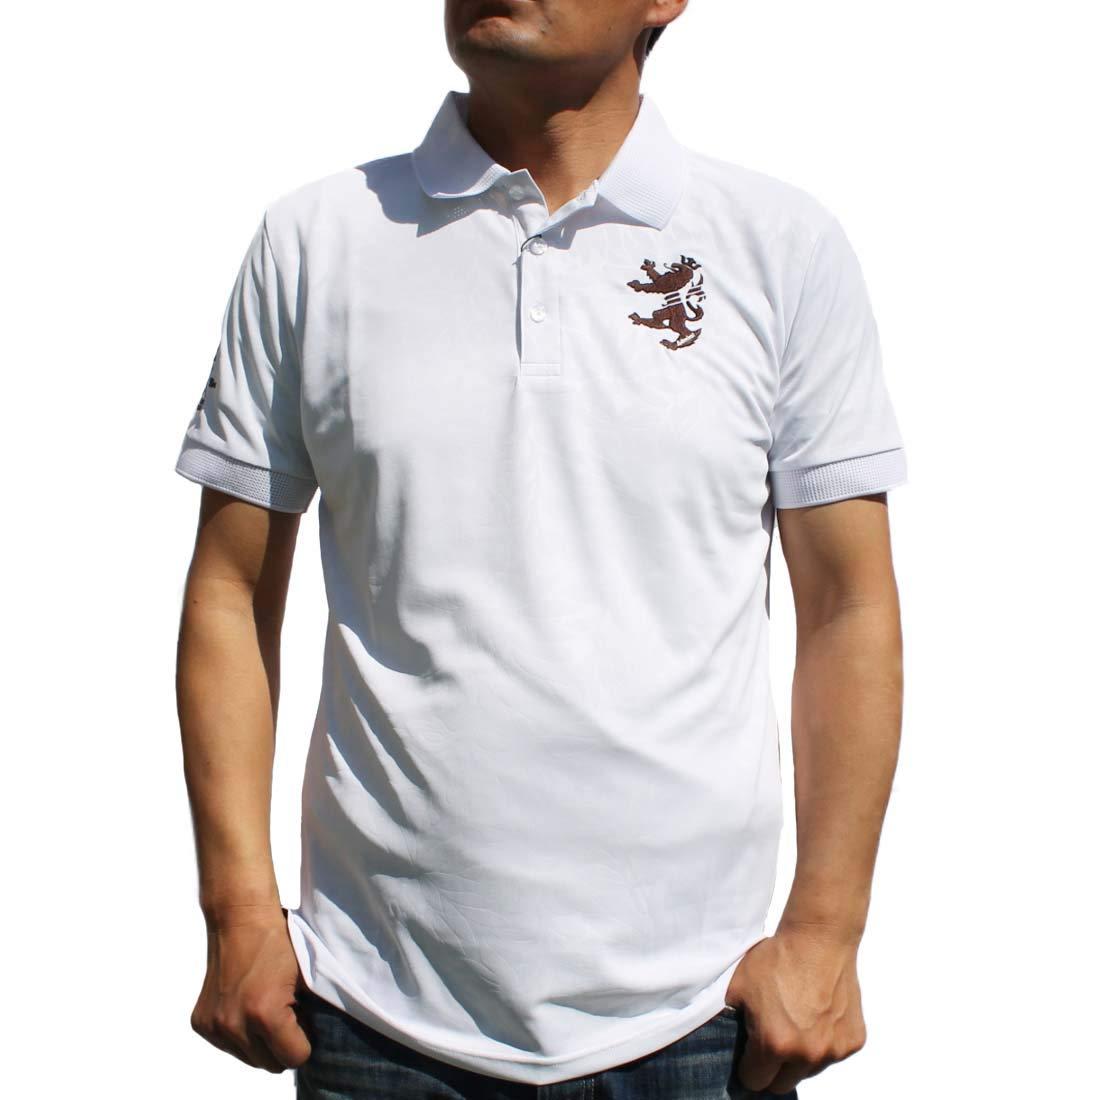 【オープニングセール】 アドミラルゴルフ AdmiralGOLF メンズ メンズ ポロシャツ 半袖 ホワイト パーツギンガムリーフ ADMA951 LL 半袖 ホワイト B07PRZZ3CQ, イツキムラ:510d1bee --- ballyshannonshow.com